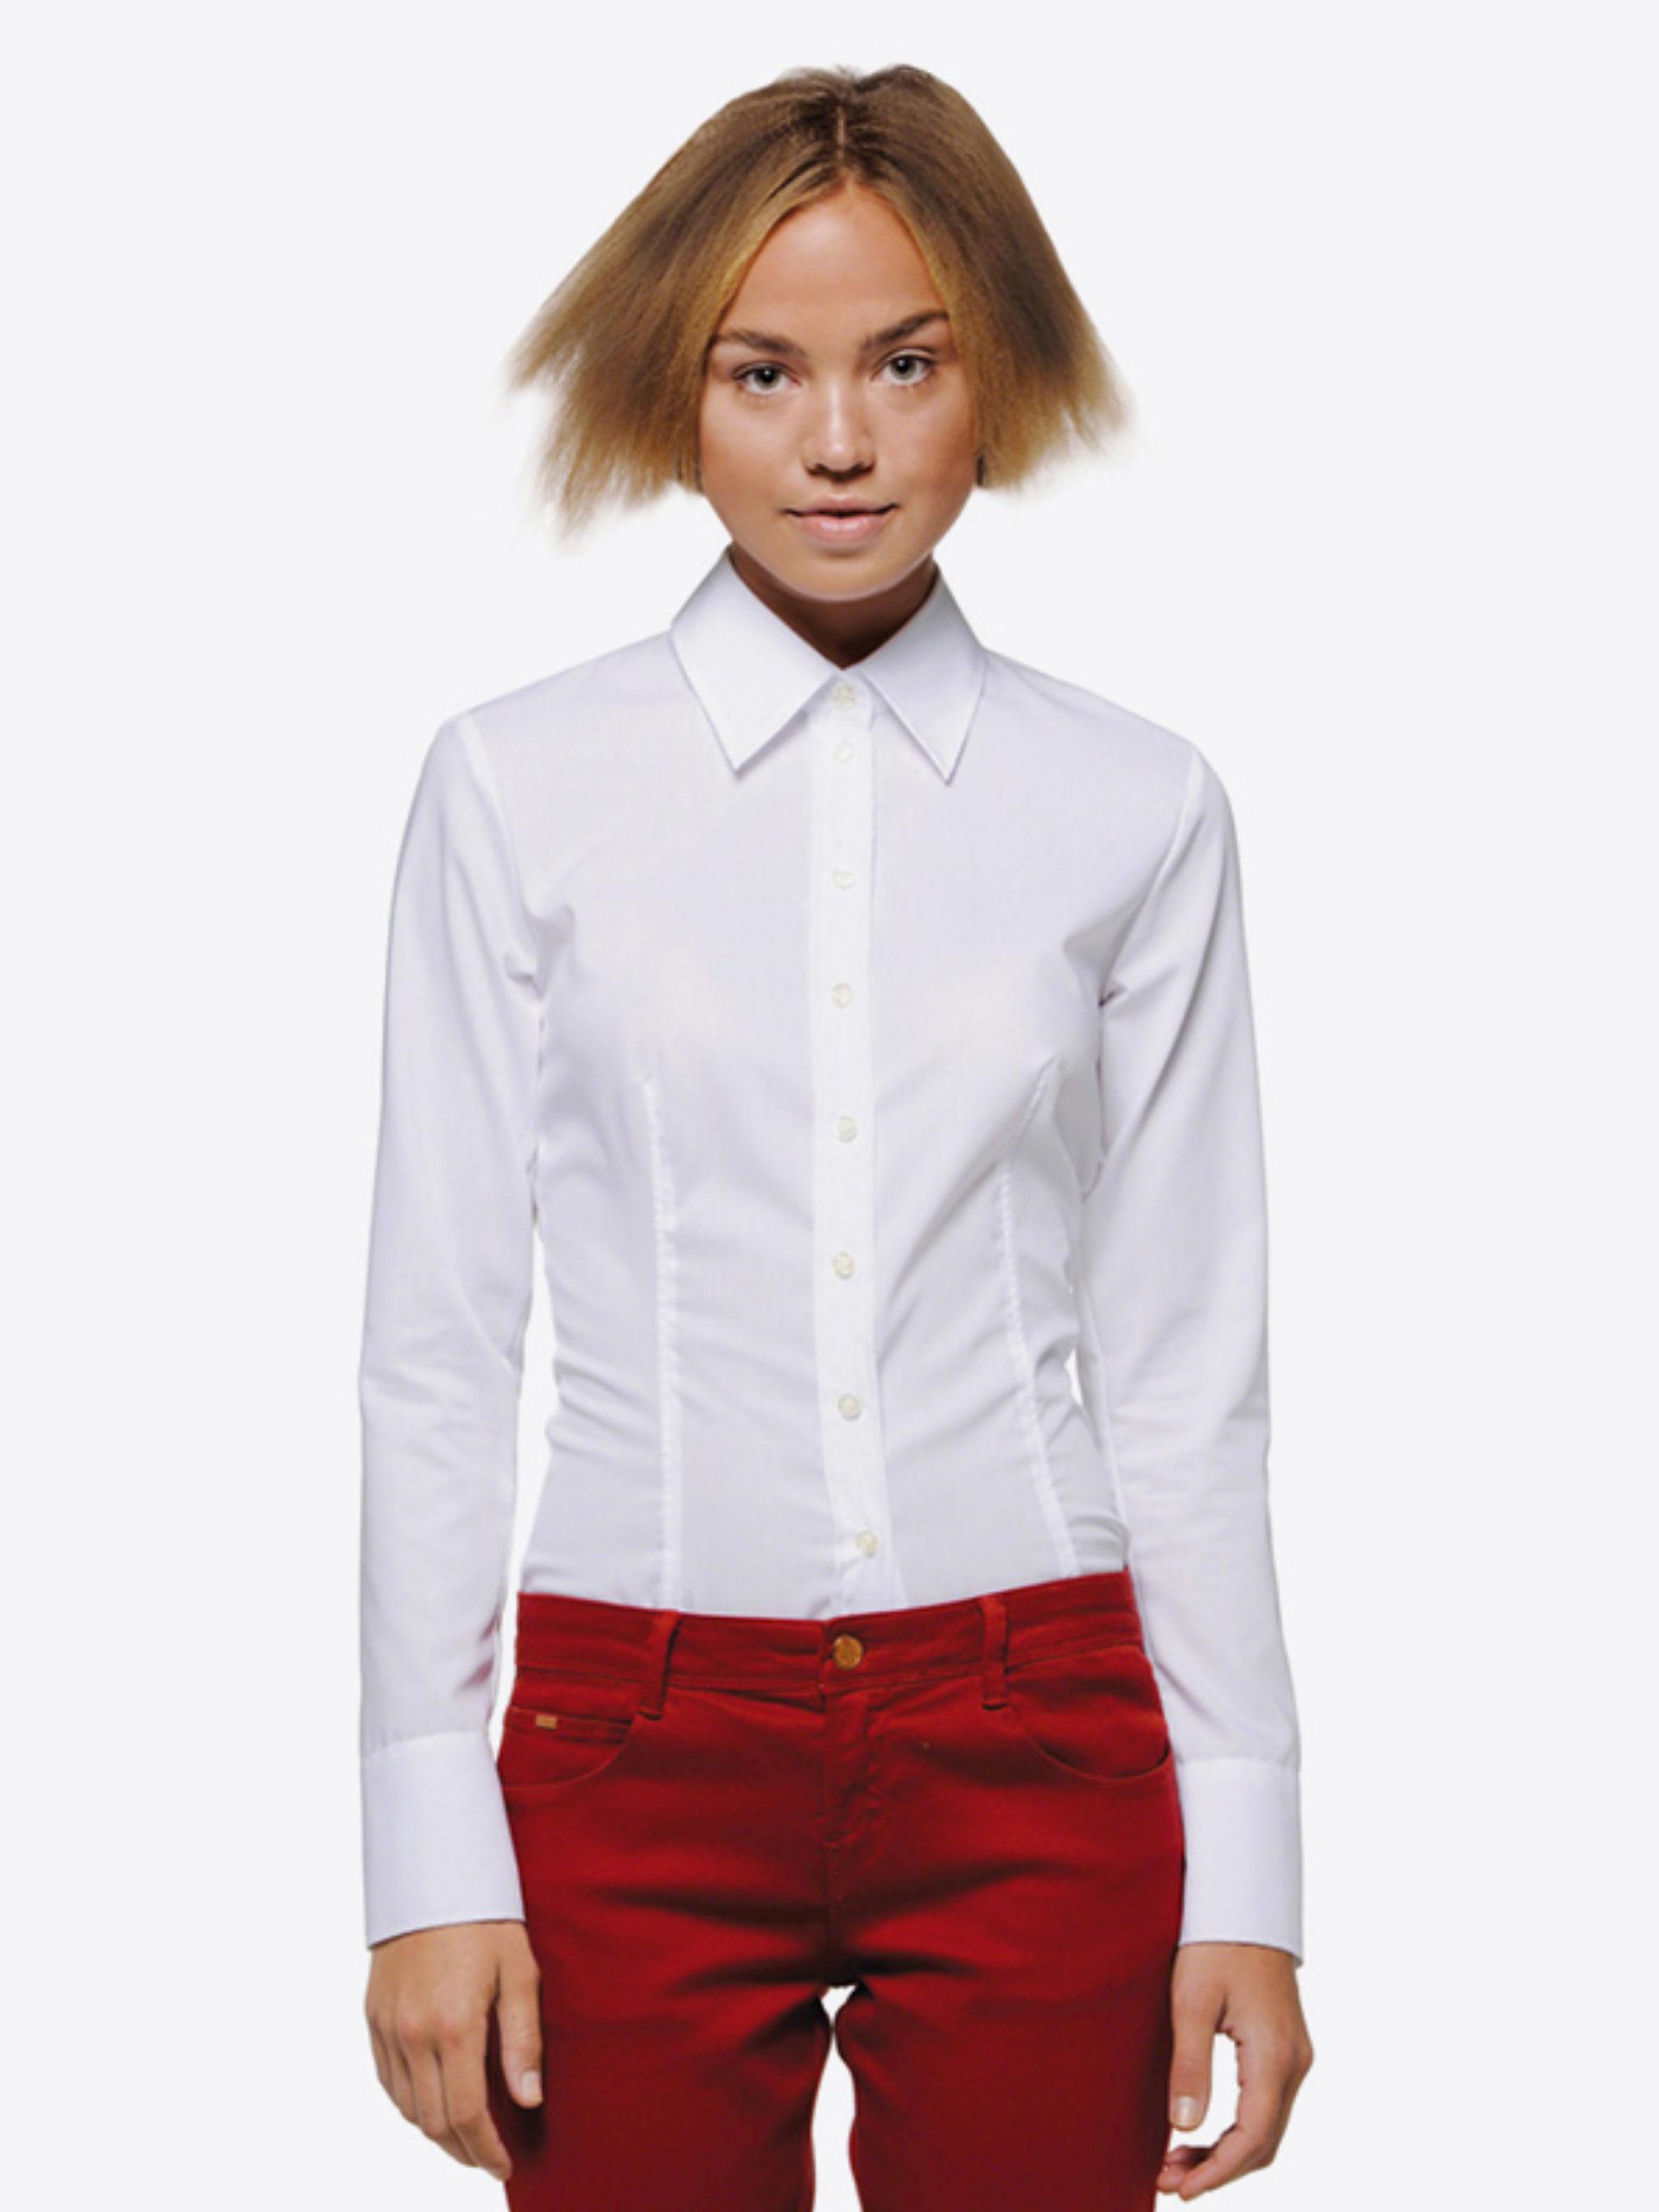 Damen Hemd Langarm Mit Logo Bedrucken Besticken Hakro 102 Foto